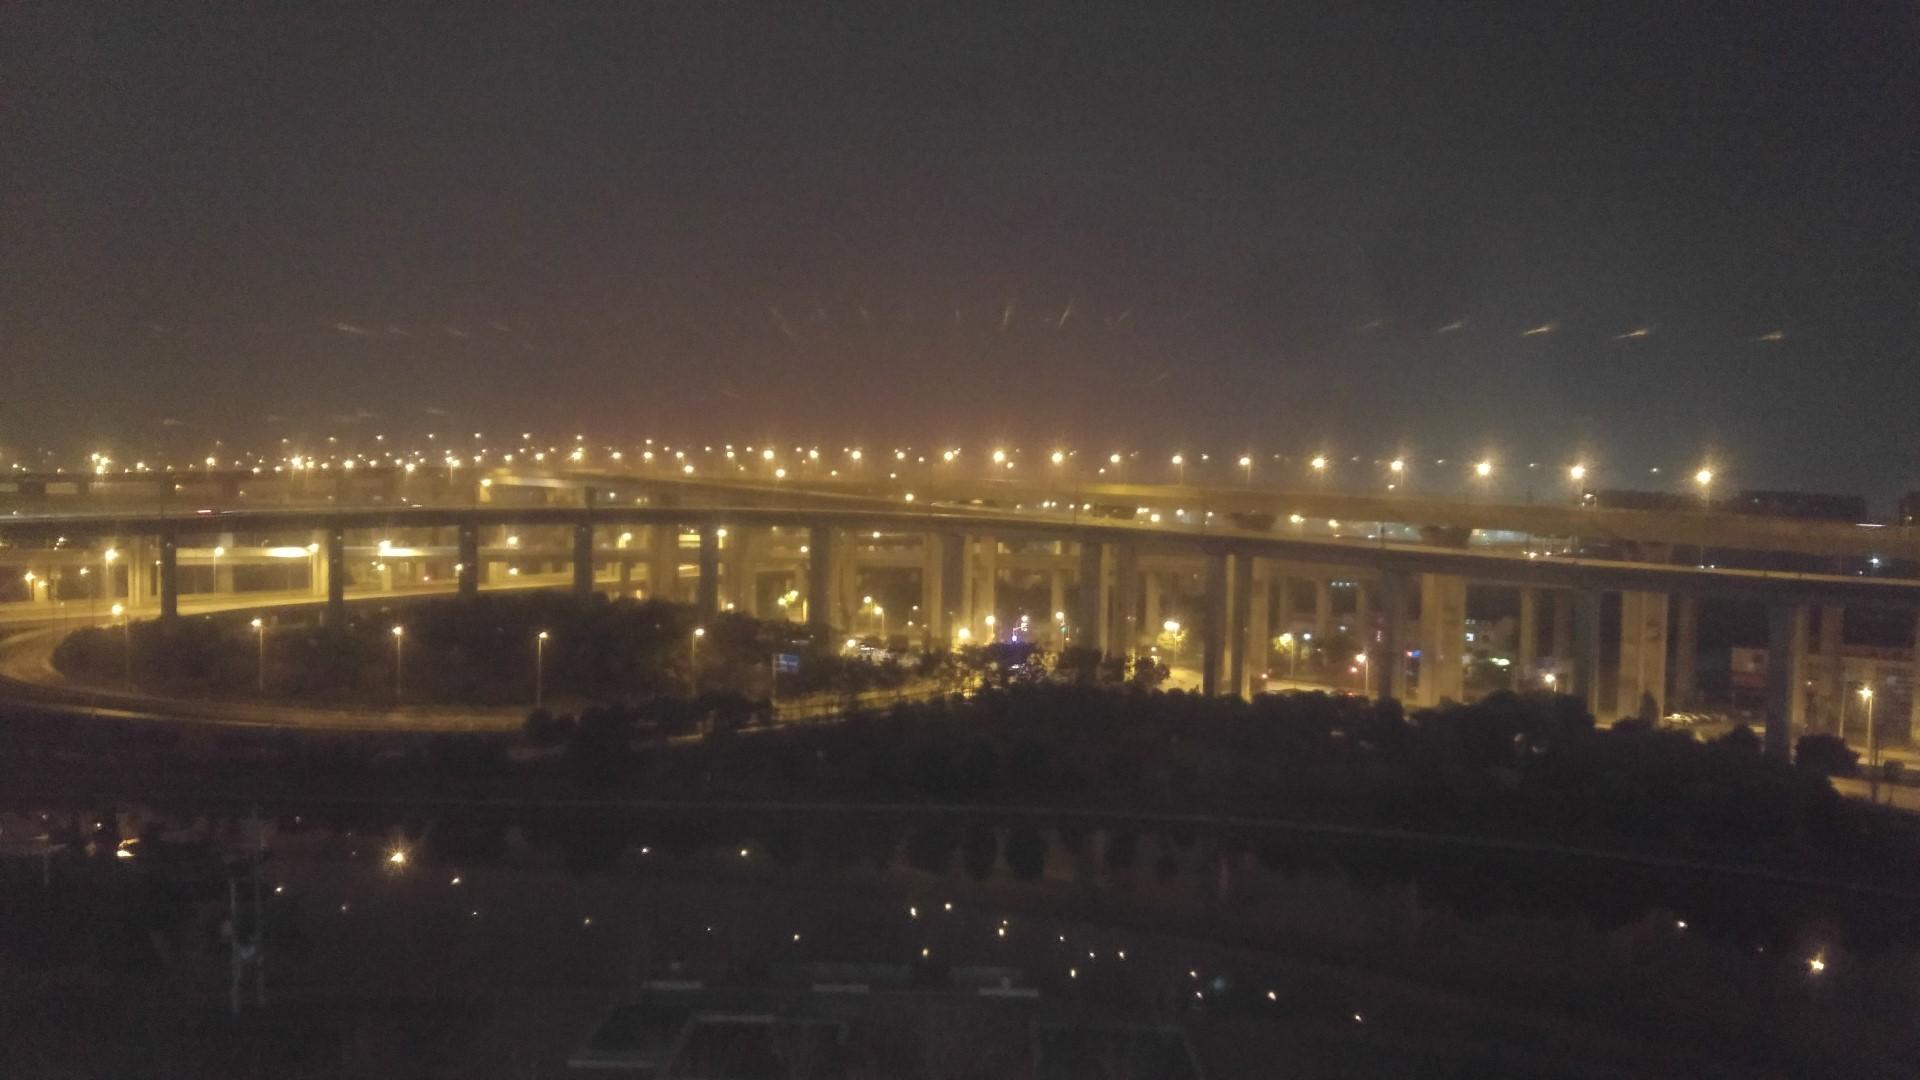 Ausblick aus dem Hotelzimmer: Ein Autobahnkreuz